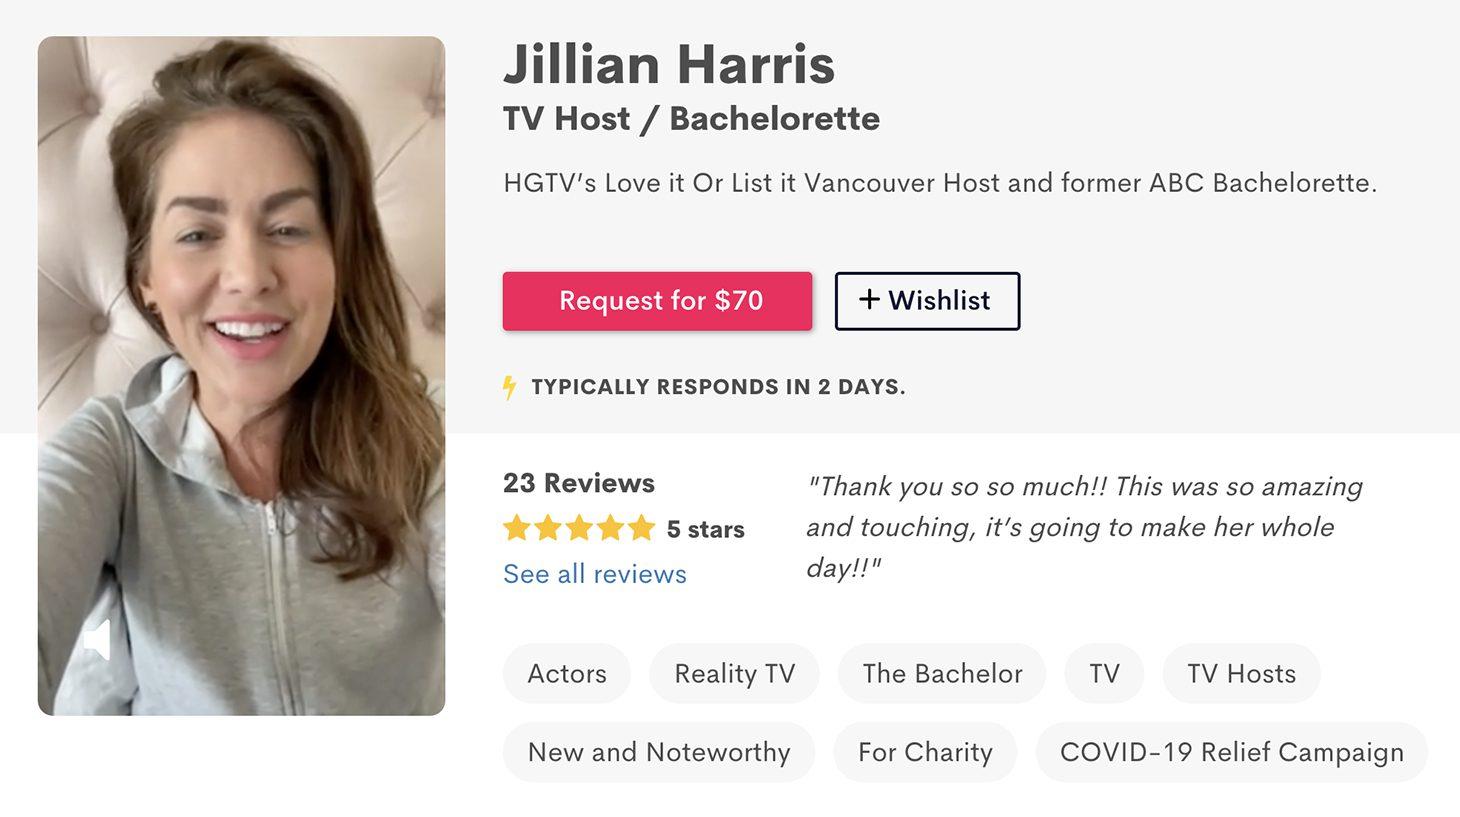 Jillian Harris Cameo Account